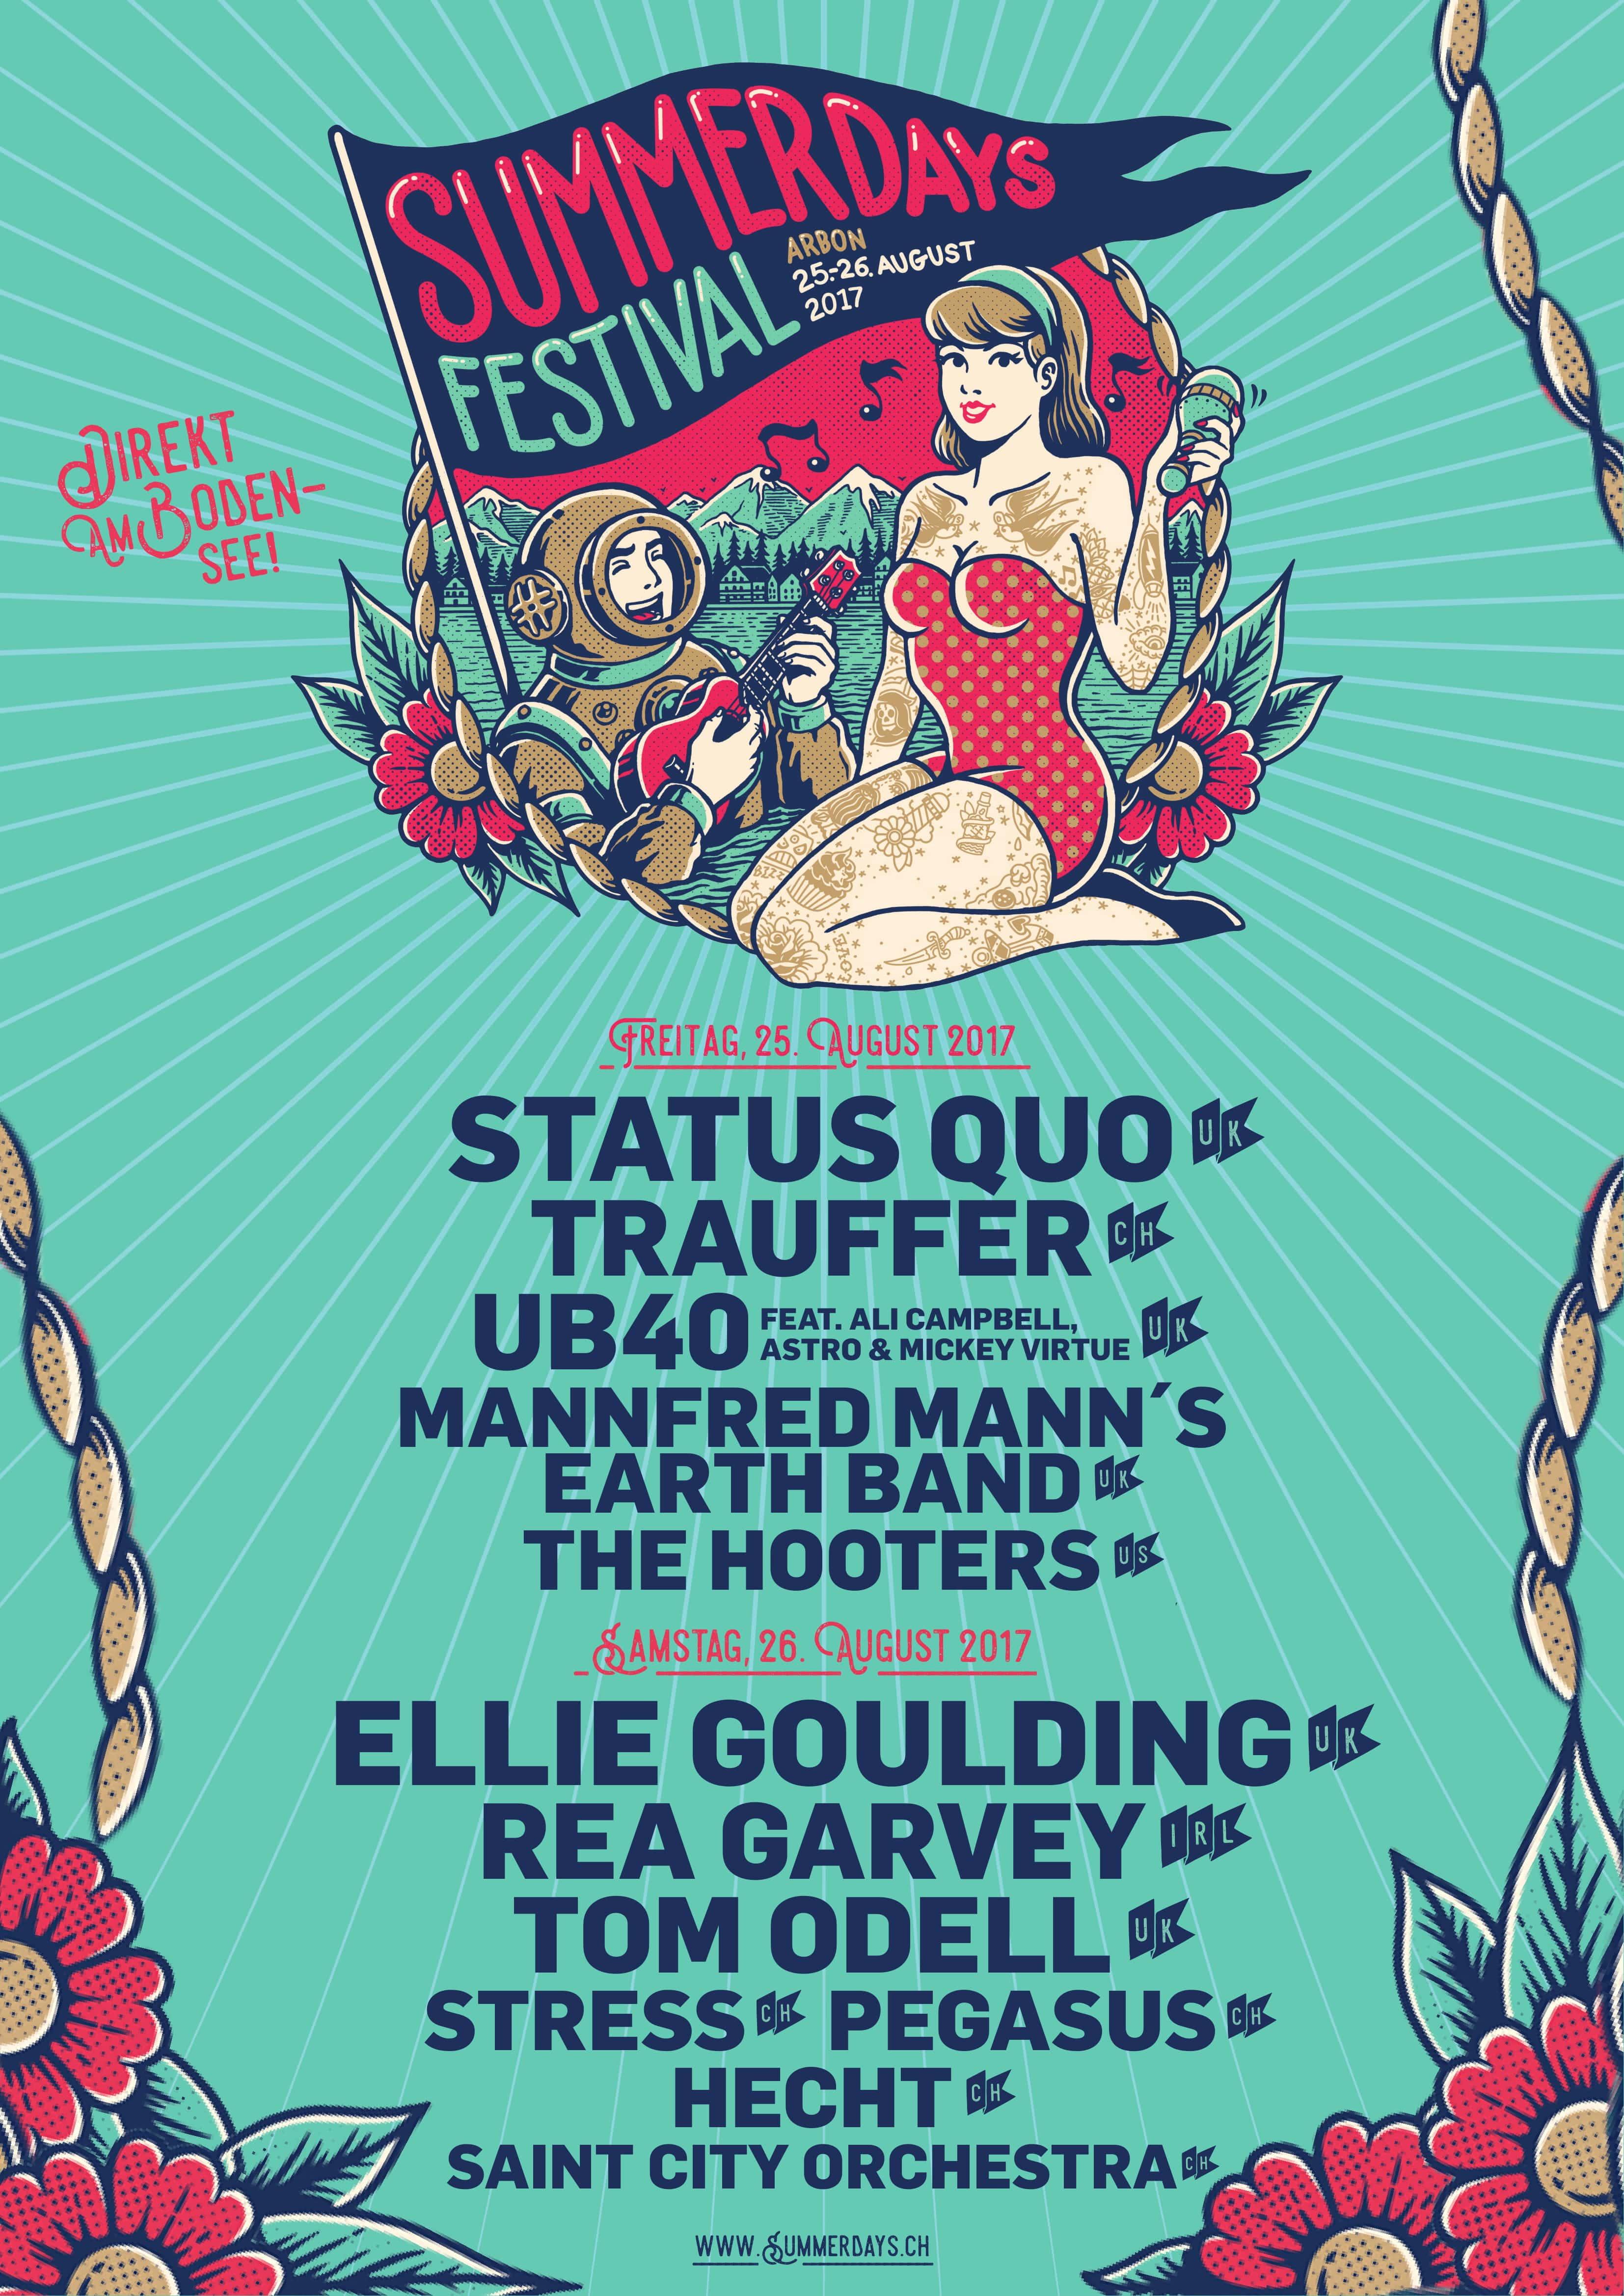 Plakat Summerdays Festival 2017